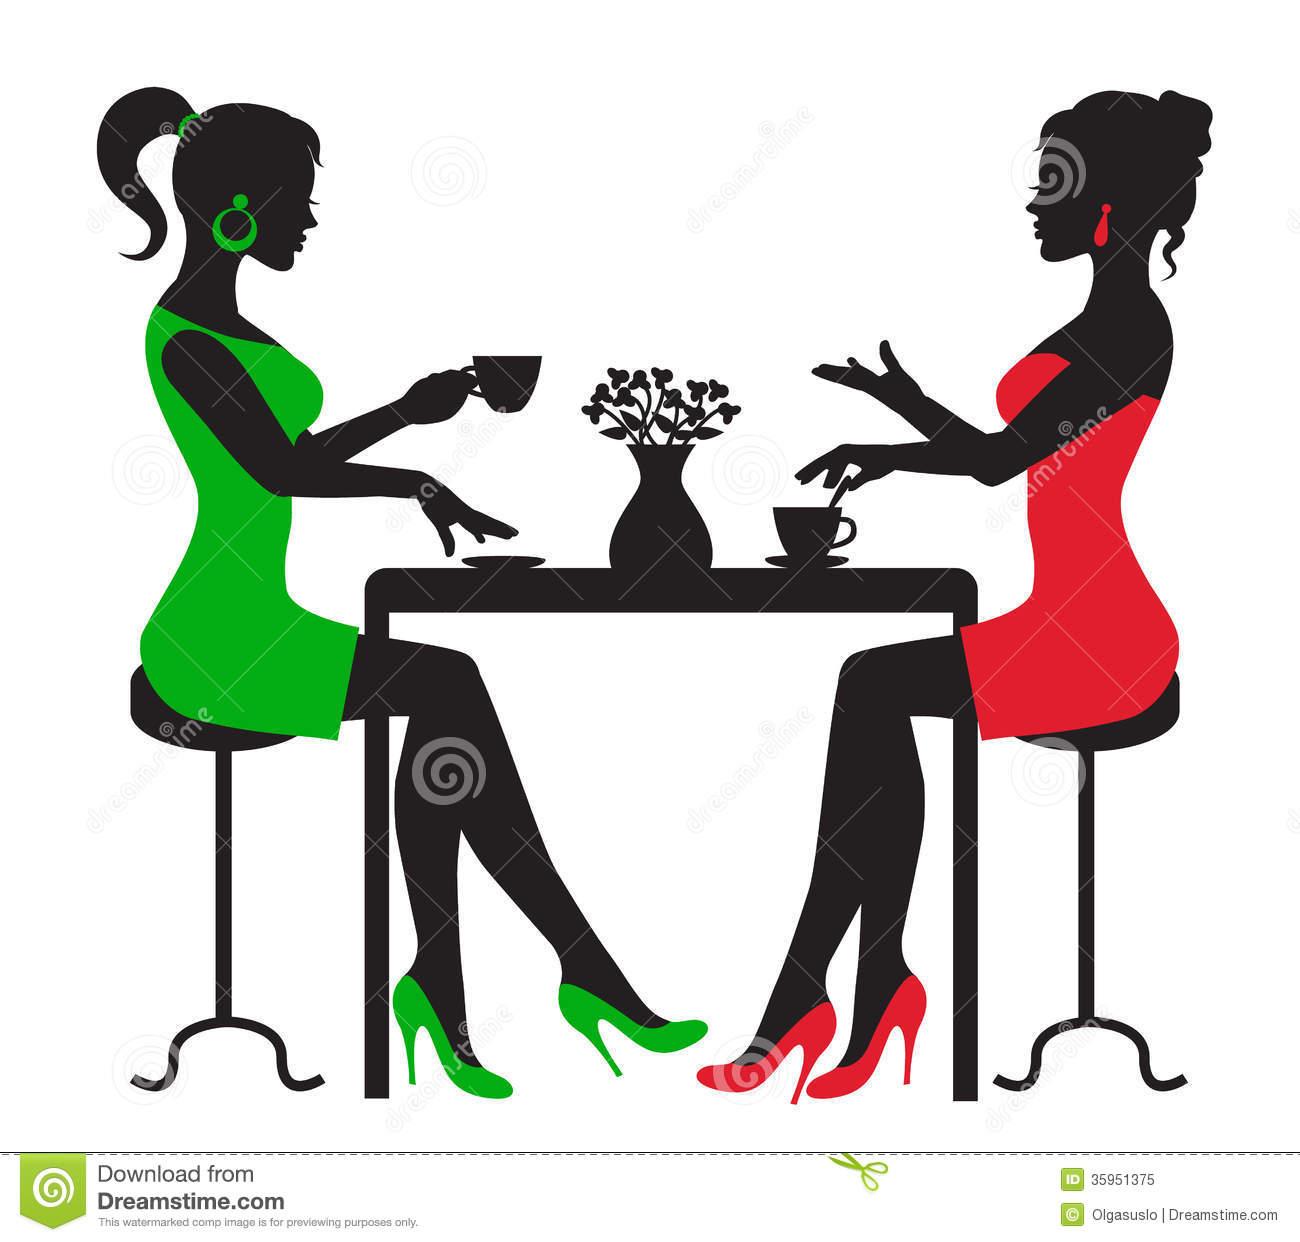 Kaffee trinken clipart image transparent stock Zwei Frauen, Die Kaffee An Einem Tisch Trinken Lizenzfreies ... image transparent stock